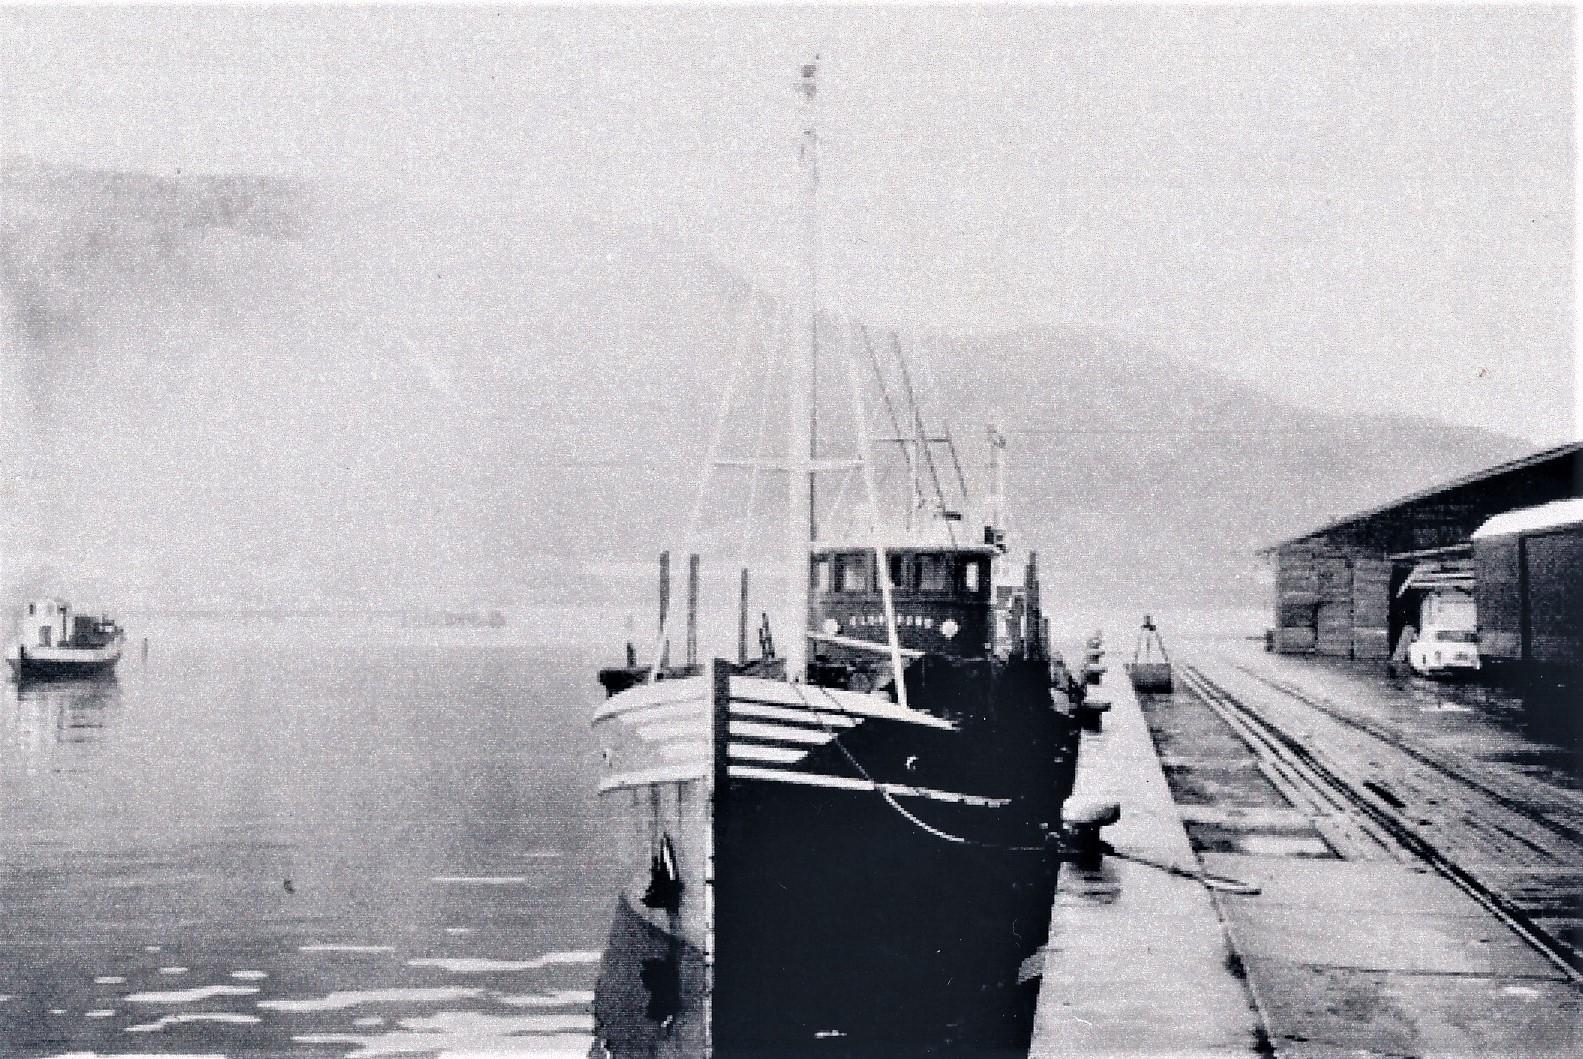 «Eldøysund» var båten Trygve hadde lengst og som avsluttet hans fraktefart-periode. Med den fraktet han mye kraftfôr fra Stormøllen i Trondheim.